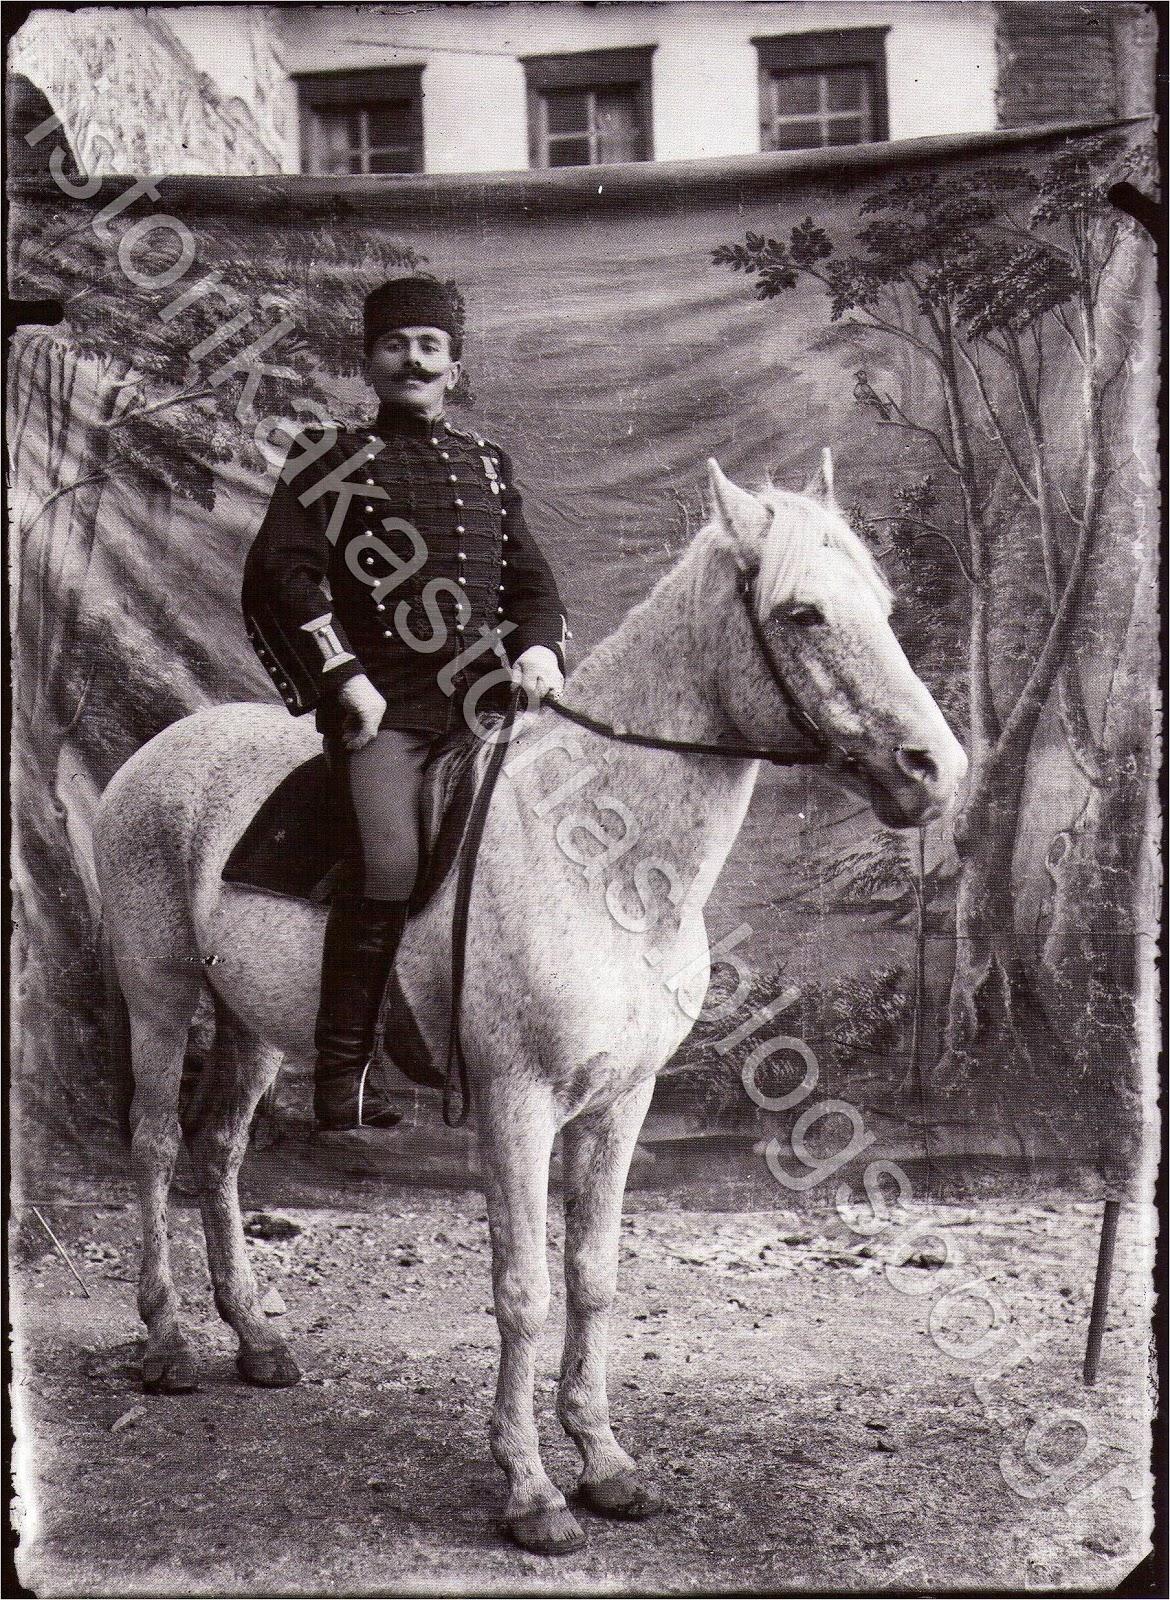 Βαλκανικοί Πόλεμοι - 100 χρόνια ελεύθερη Καστοριά (φωτό 04)